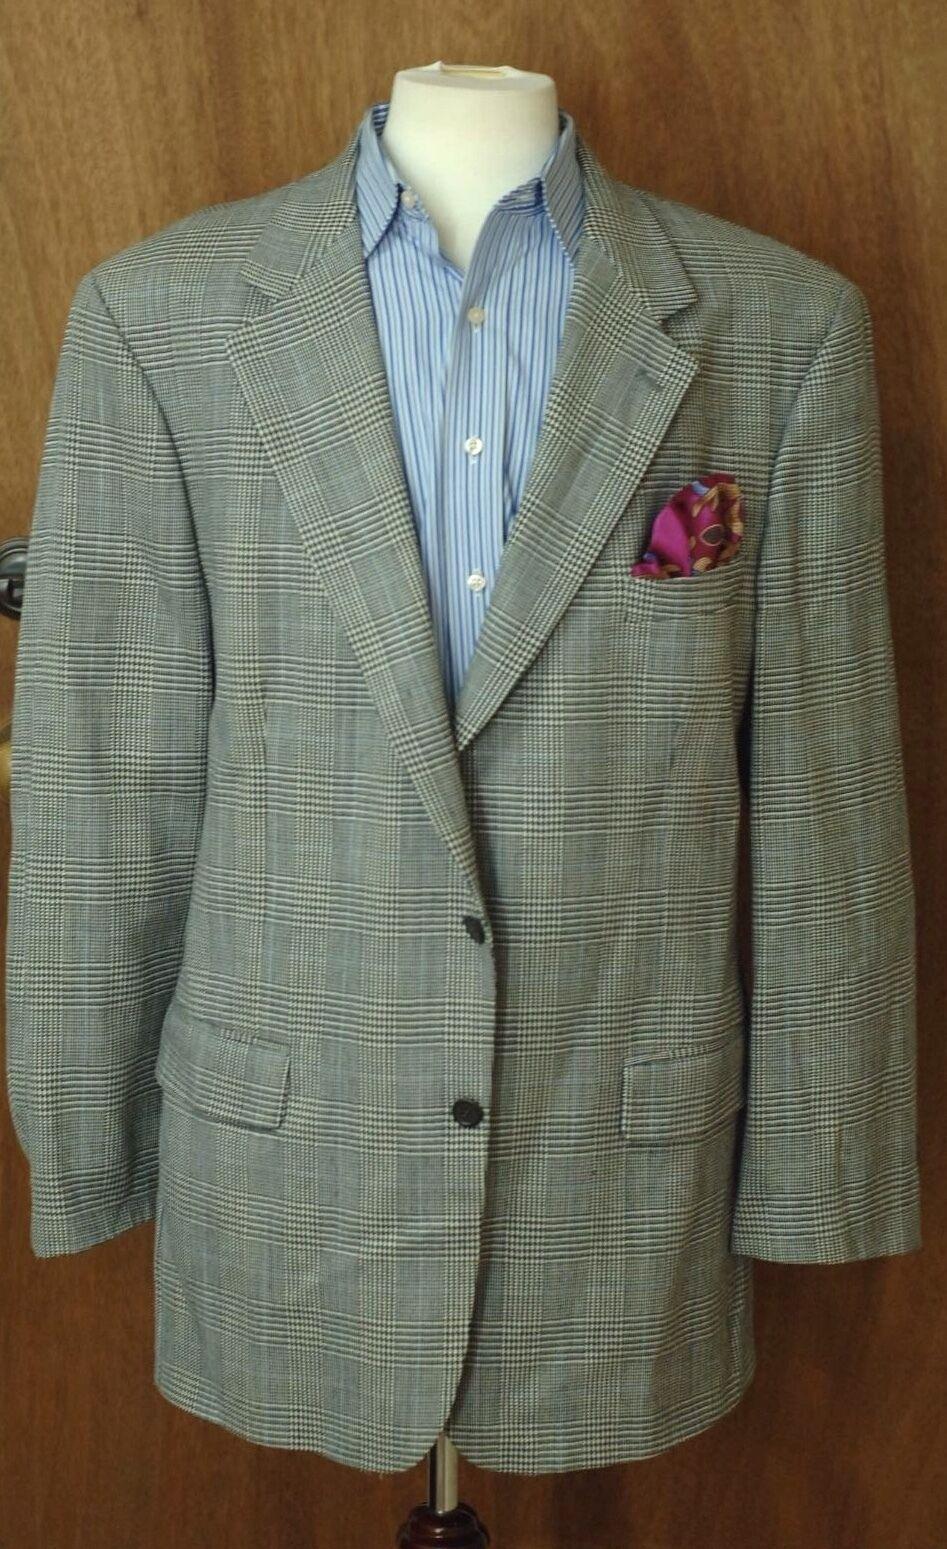 Brooks Brothers Herren Grau Kariert Wolle Sport Mantel Blazer 44l 44 Lang     | Moderate Kosten  | Schön und charmant  | Wirtschaft